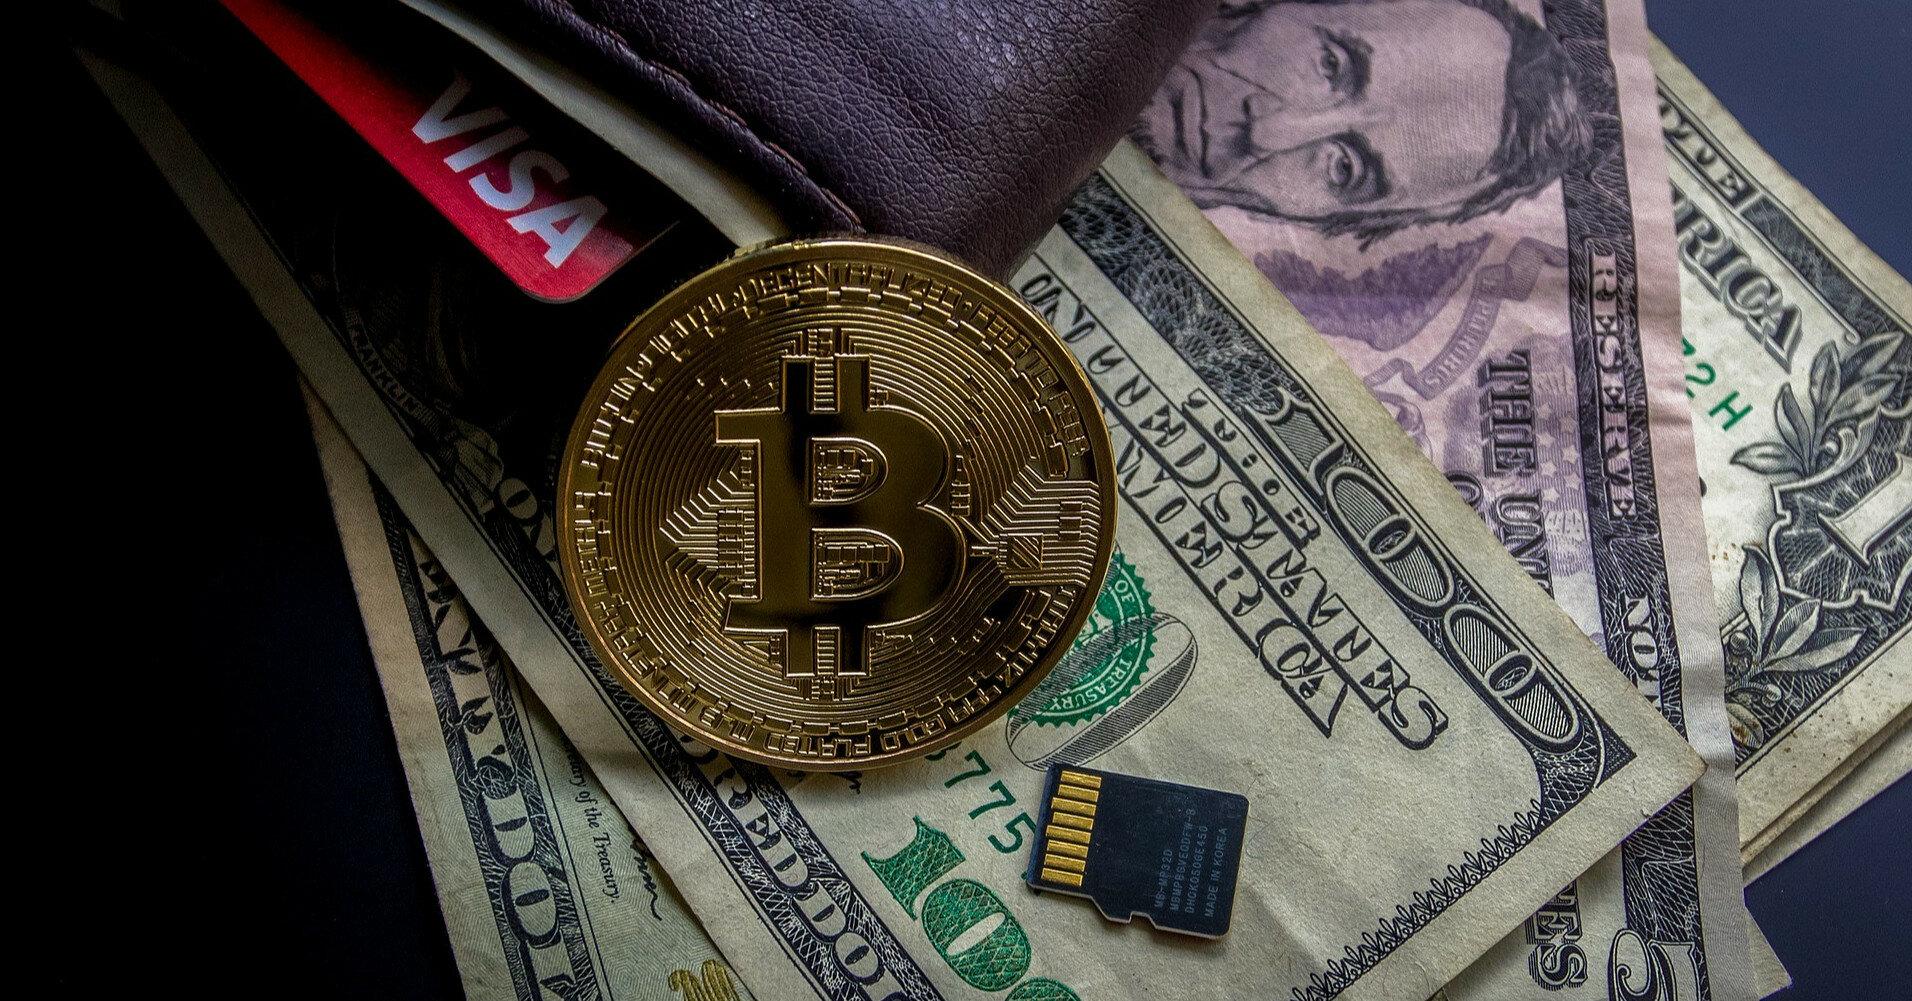 Швед получил 15 лет тюрьмы за мошенничество с криптовалютами